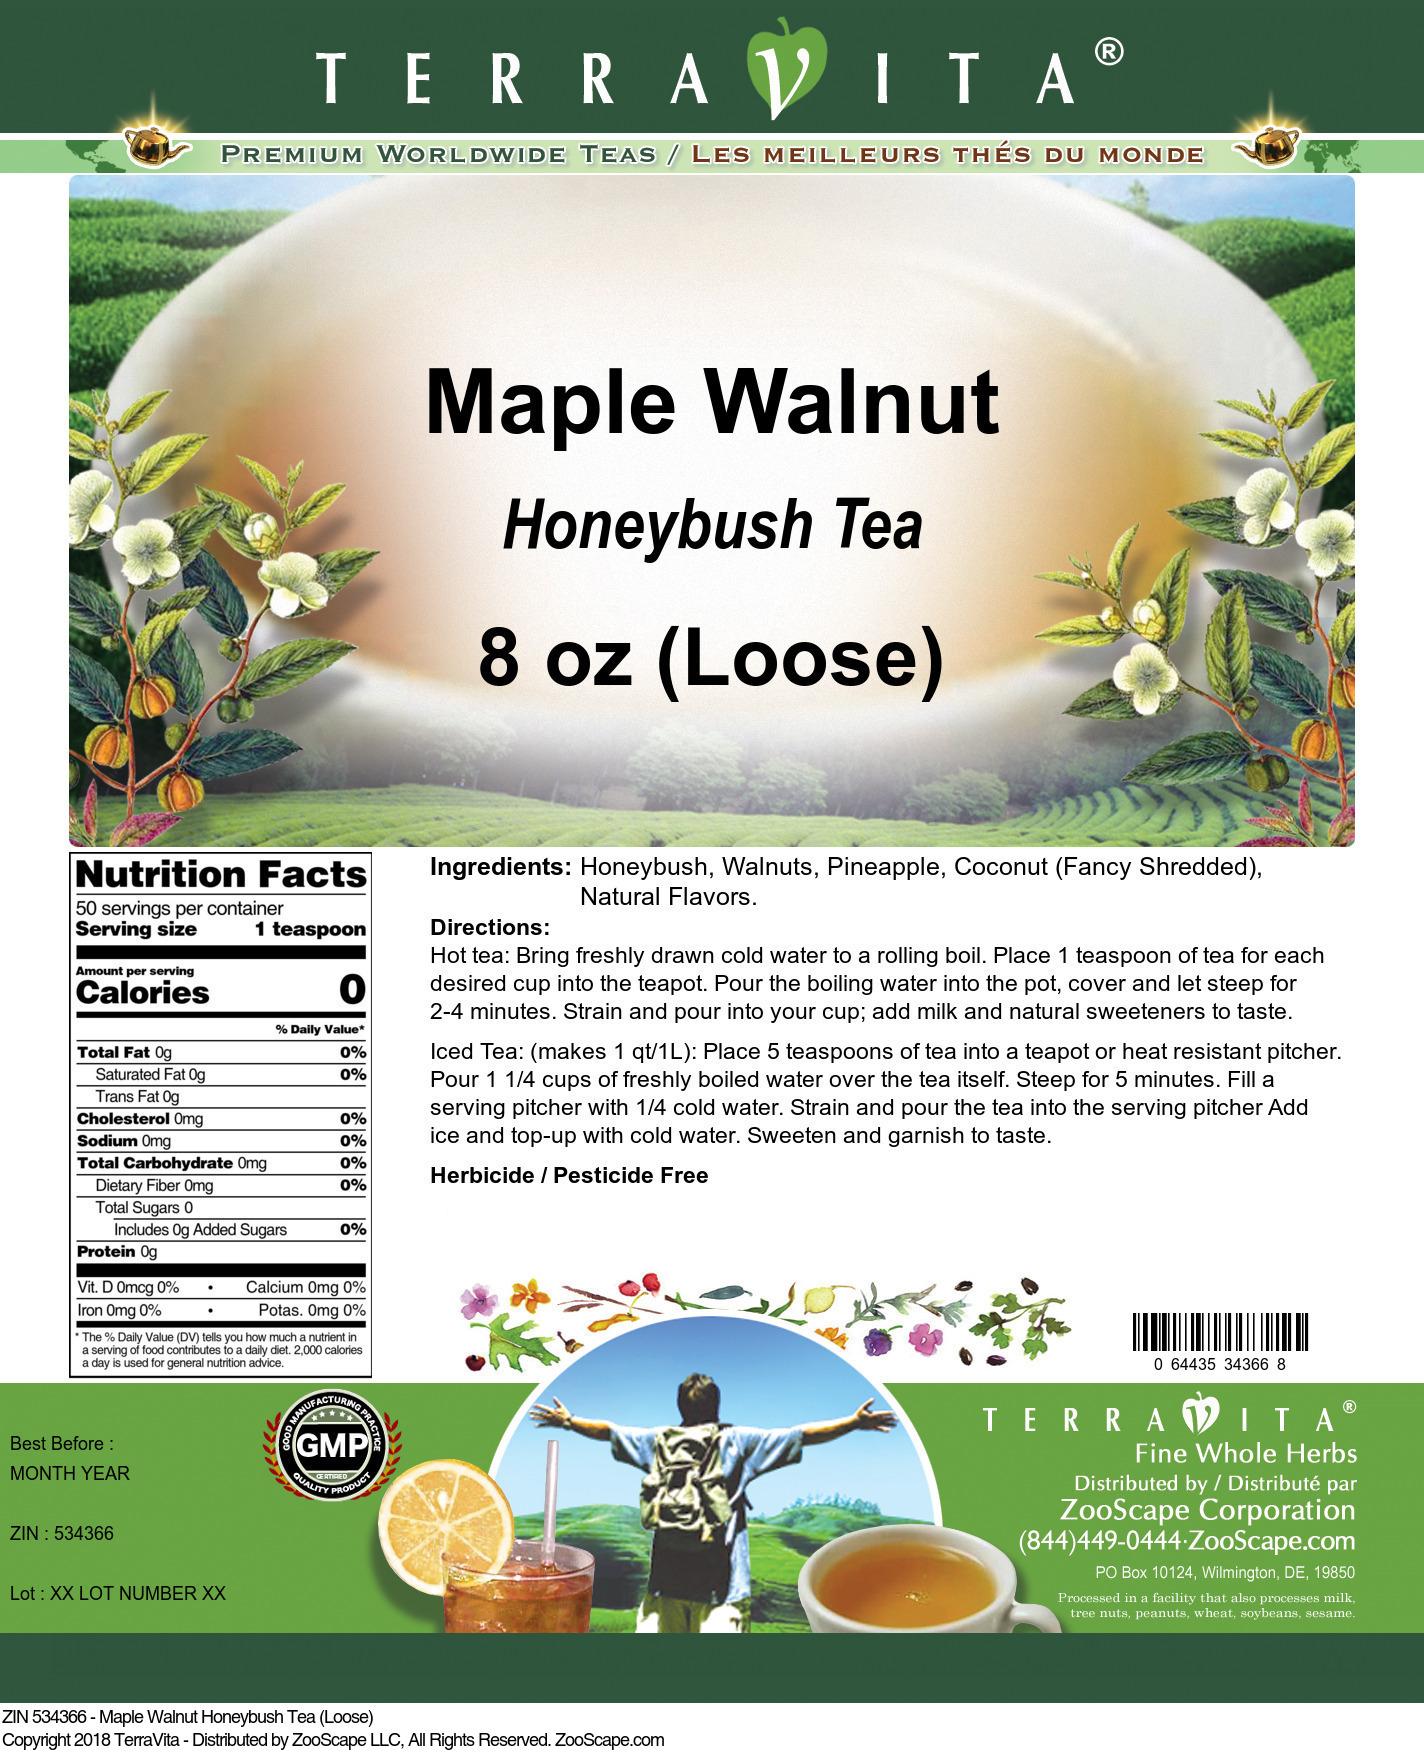 Maple Walnut Honeybush Tea (Loose)